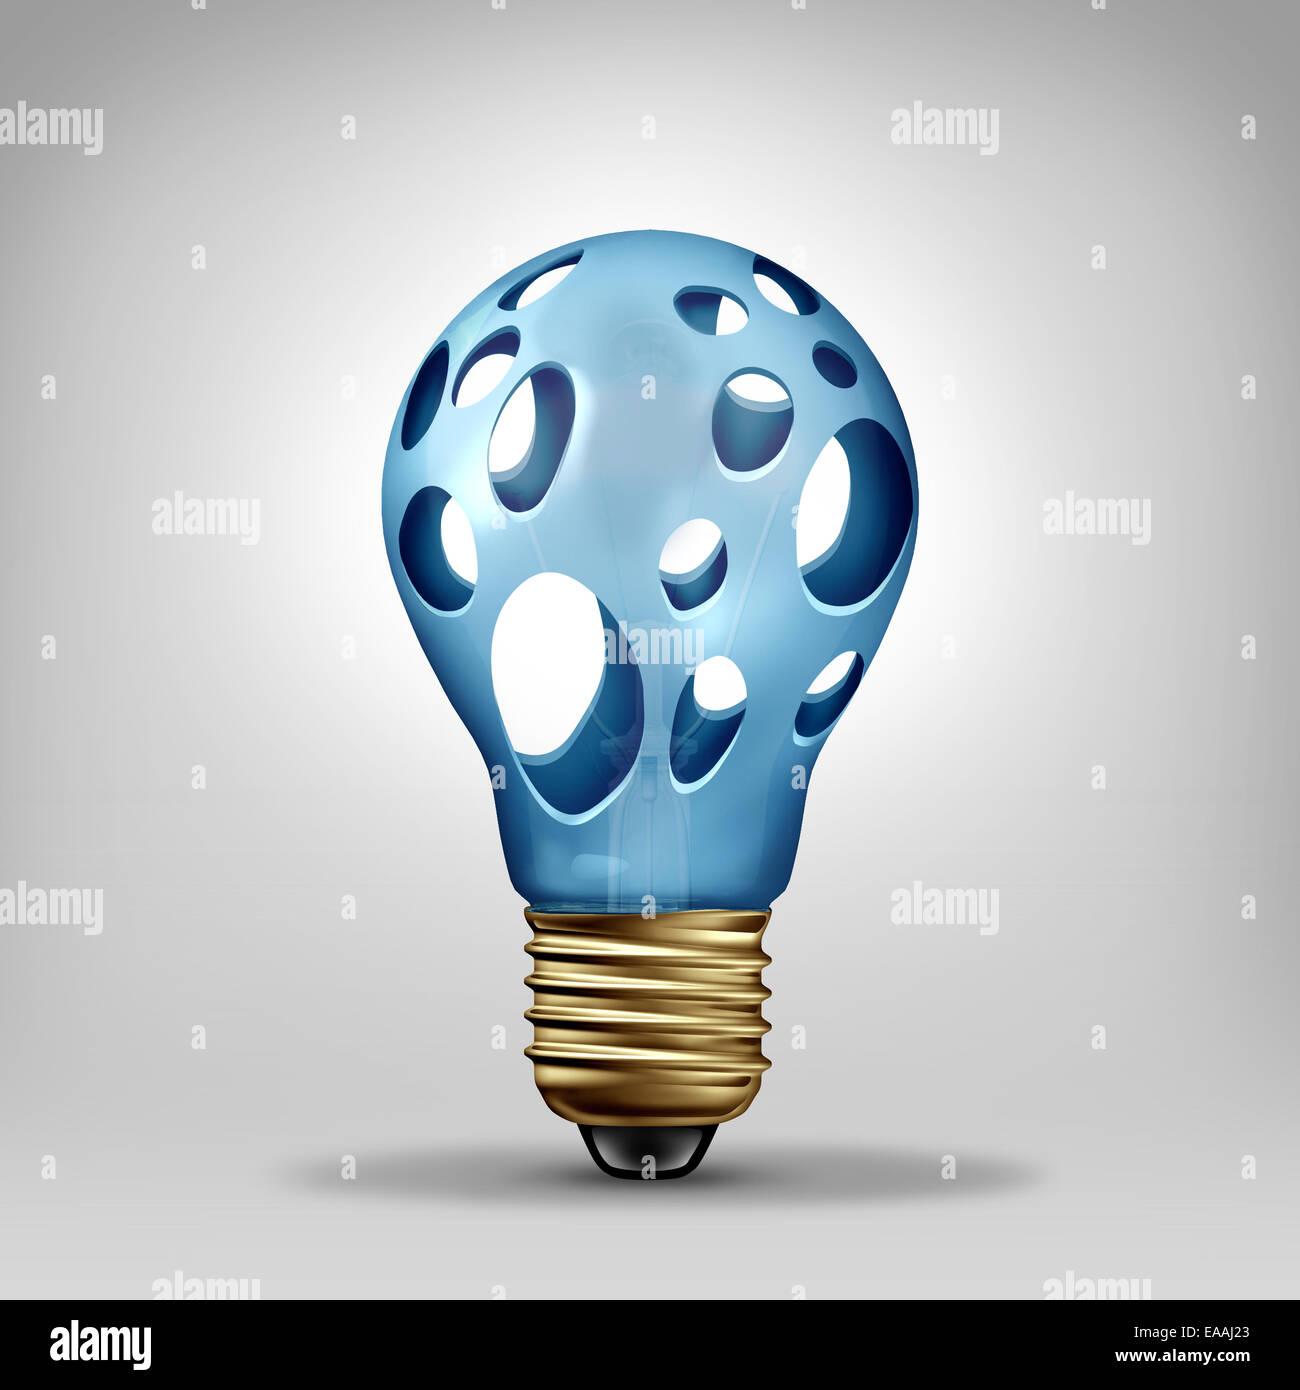 Idée problème concept et la créativité comme symbole de crise une ampoule avec trous vides comme Photo Stock